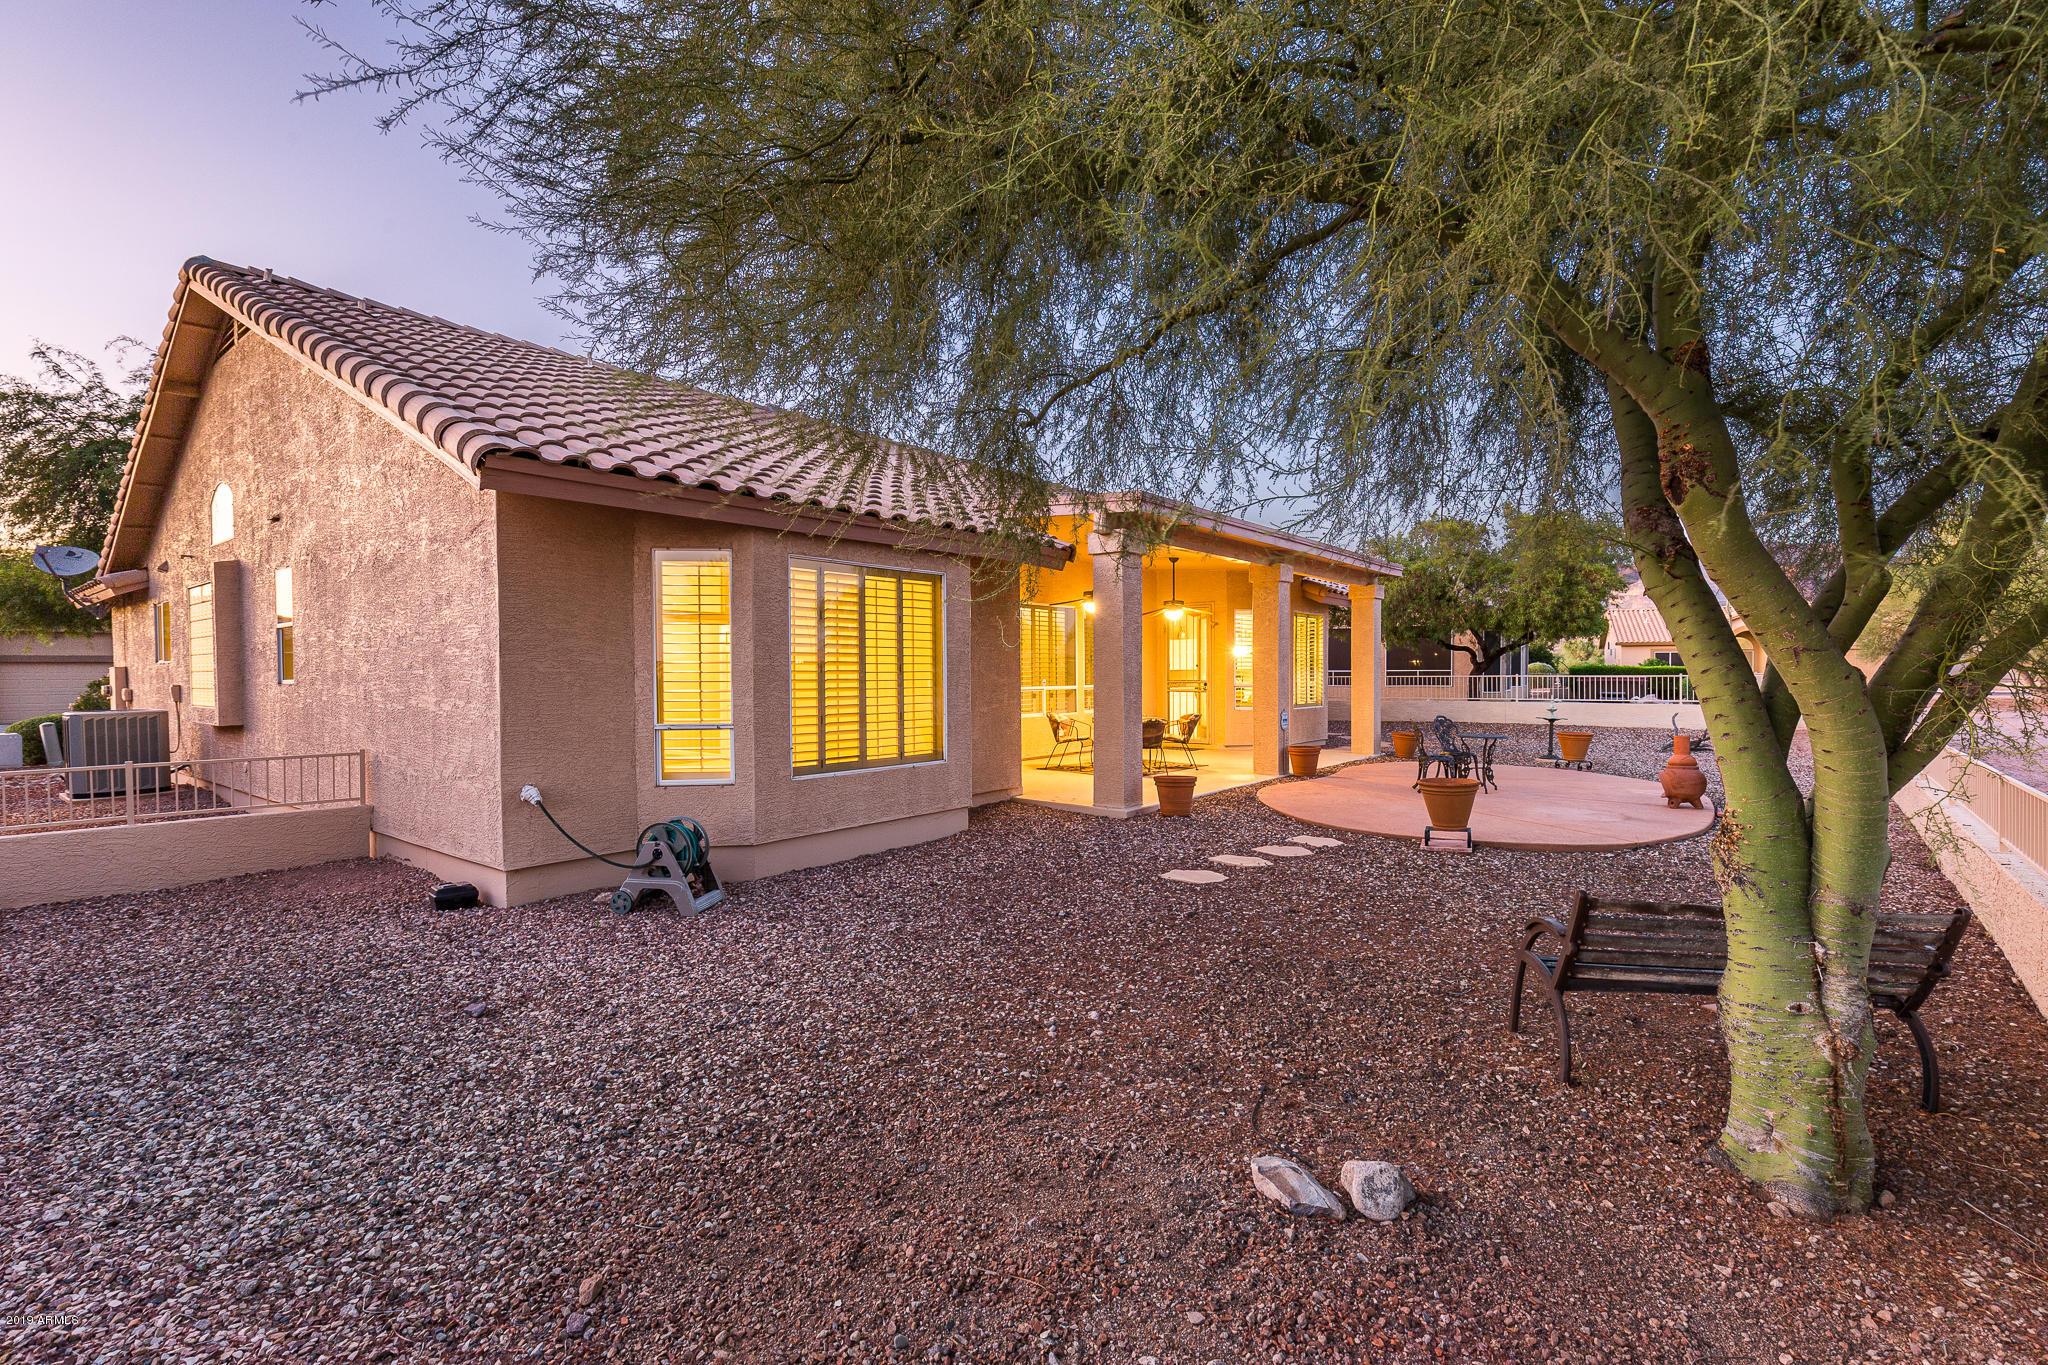 MLS 5968713 6227 S PALO BLANCO Drive, Gold Canyon, AZ 85118 Gold Canyon AZ Mountainbrook Village